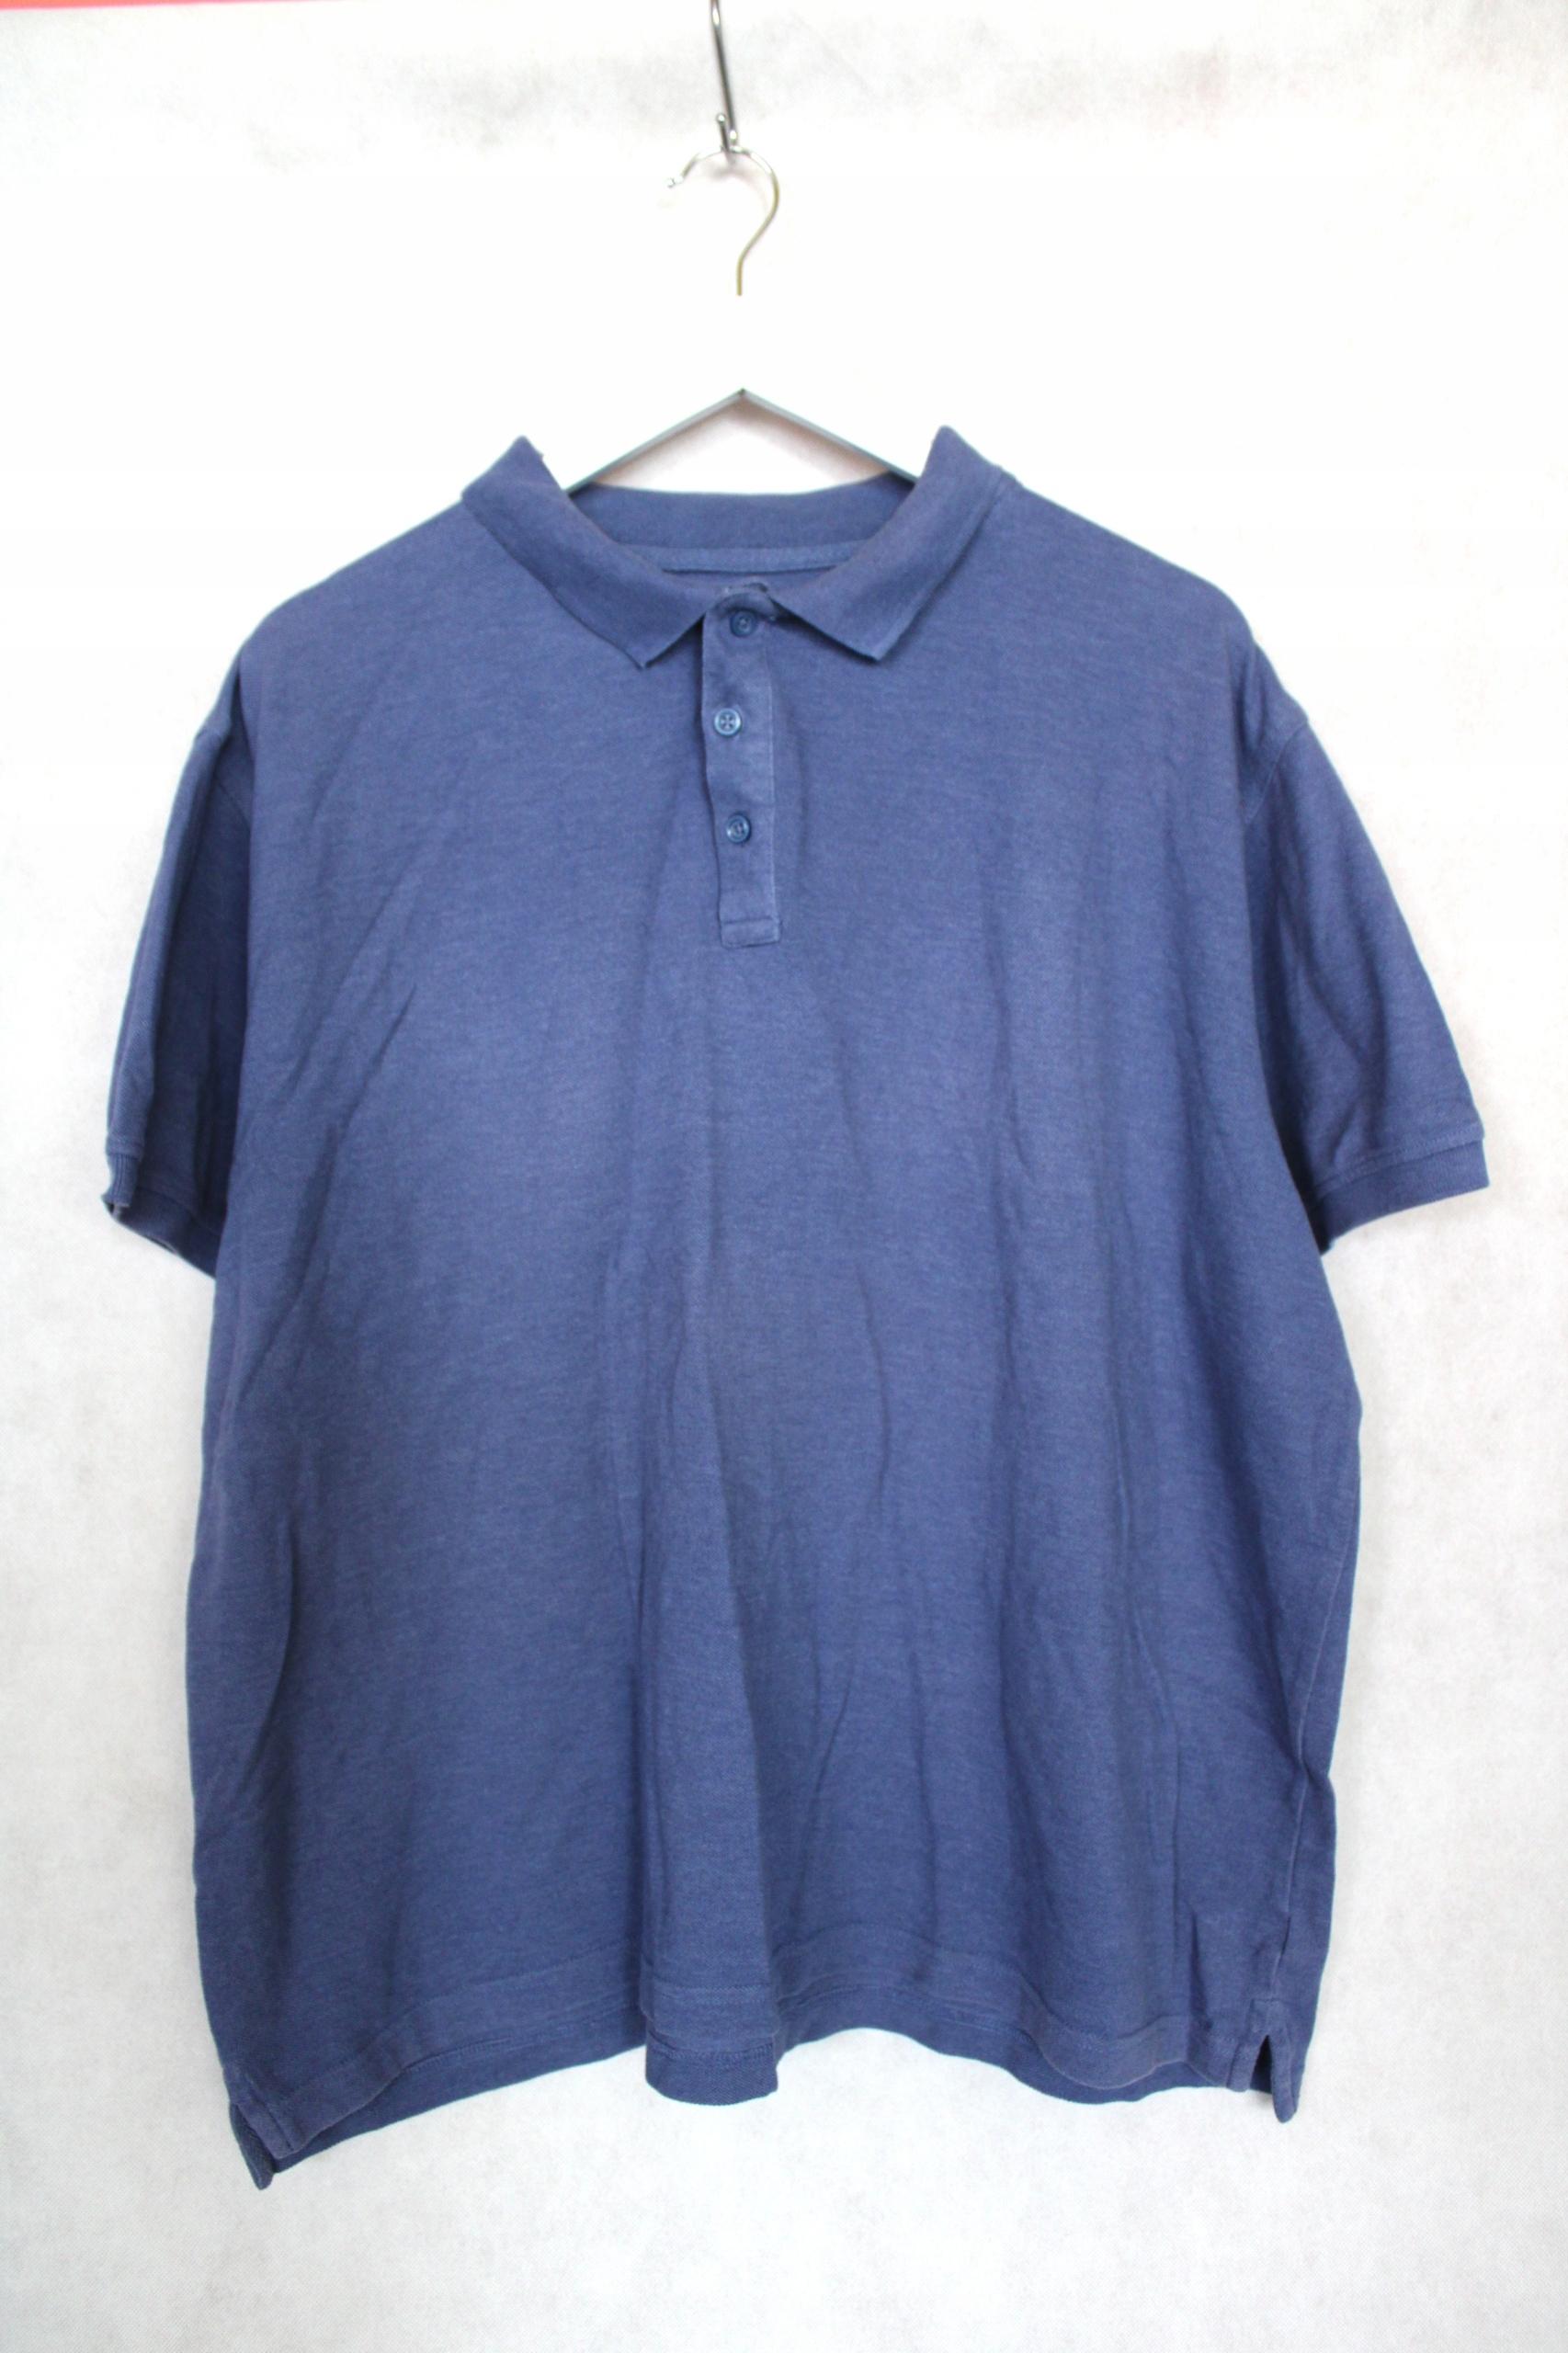 Niebieska koszulka polo męska r. XXL X7